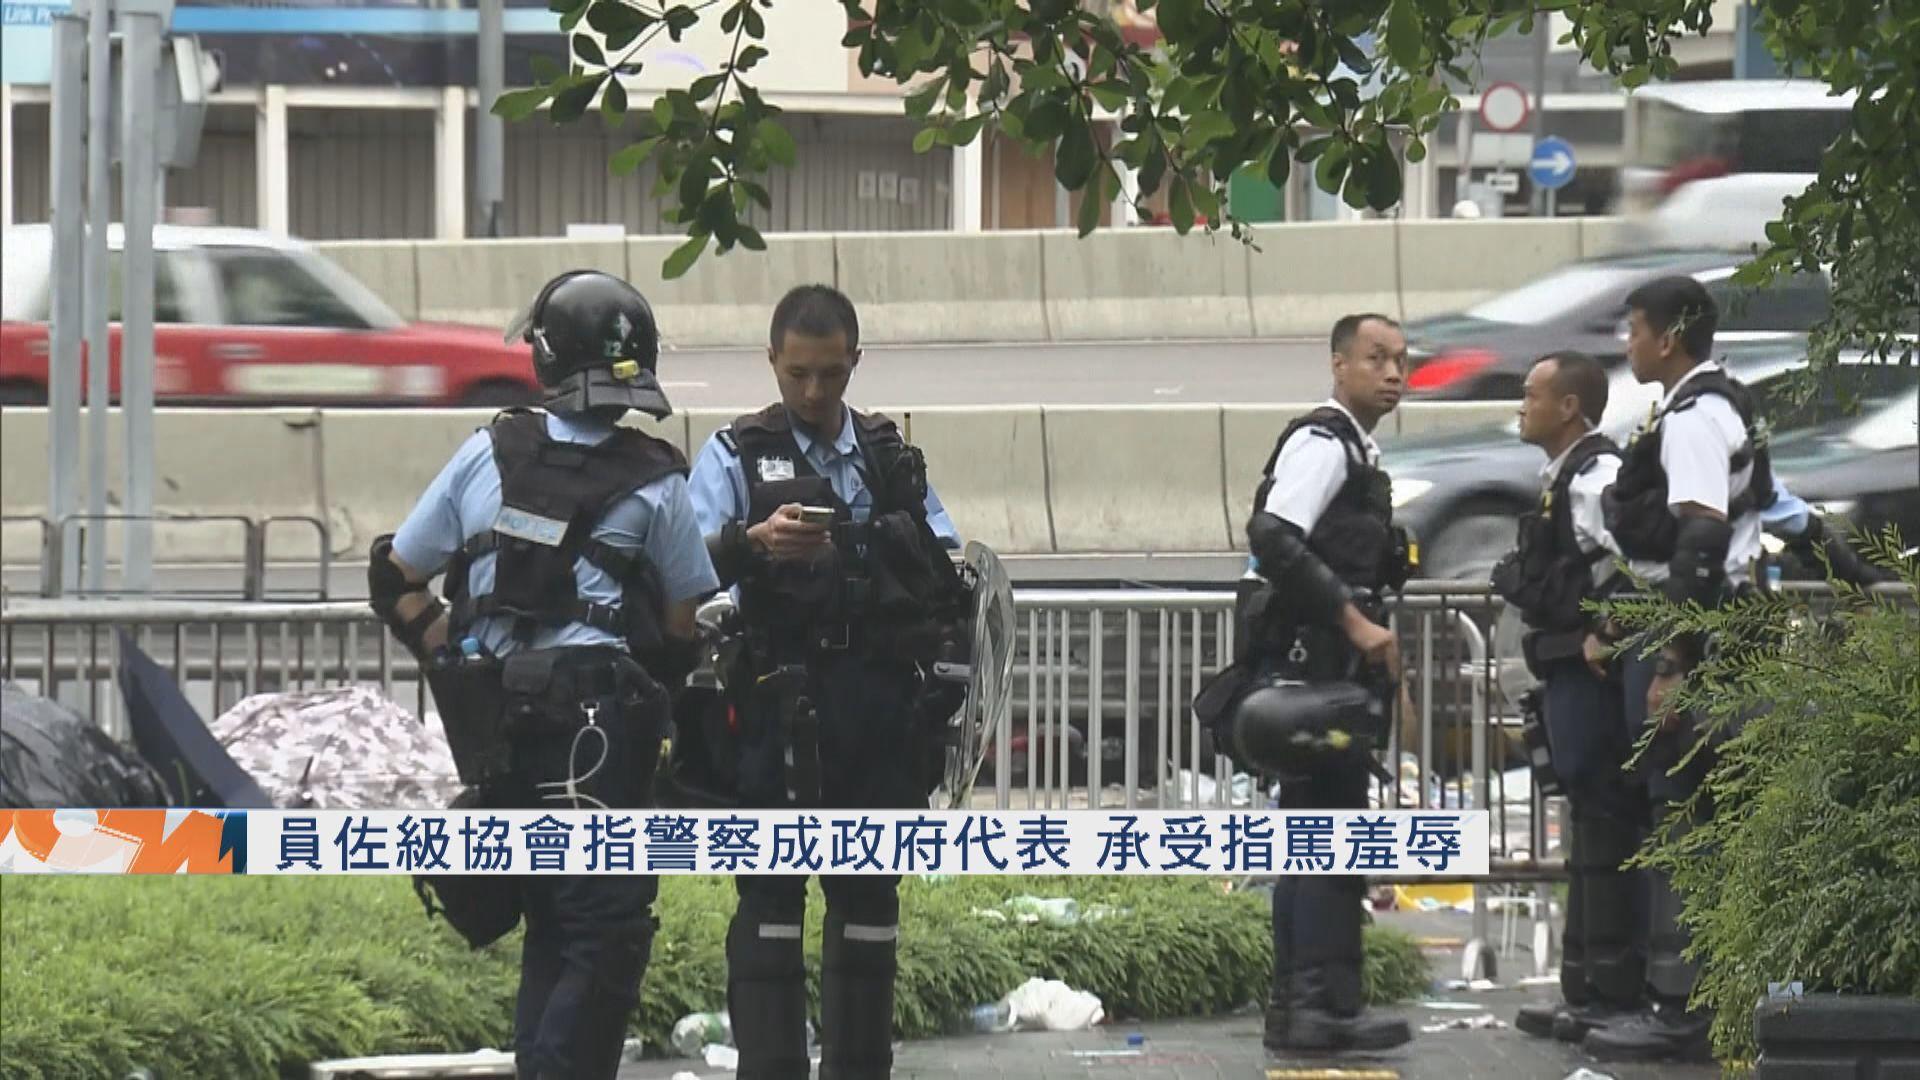 員佐級協會指警察成政府代表承受指罵羞辱